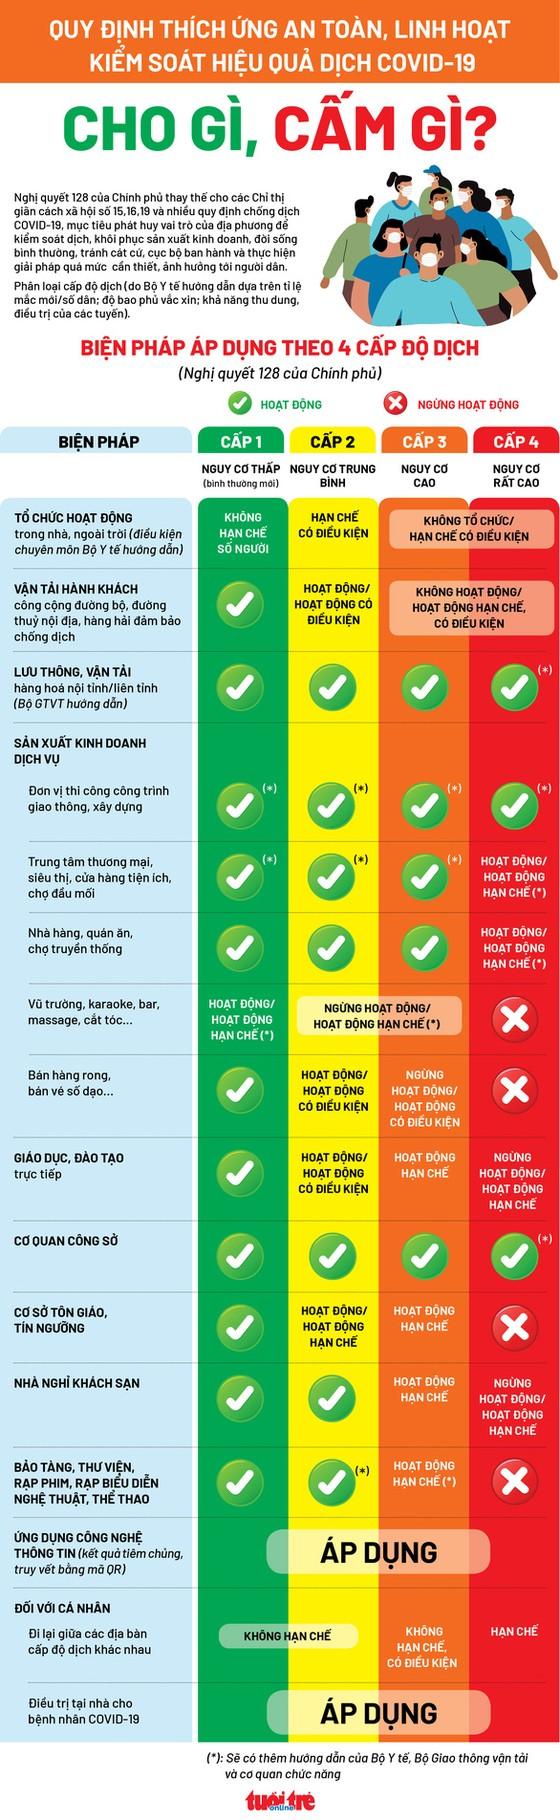 Bạn đang ở vùng xanh, vàng, cam hay đỏ theo phân loại mới của Bộ Y tế ảnh 1